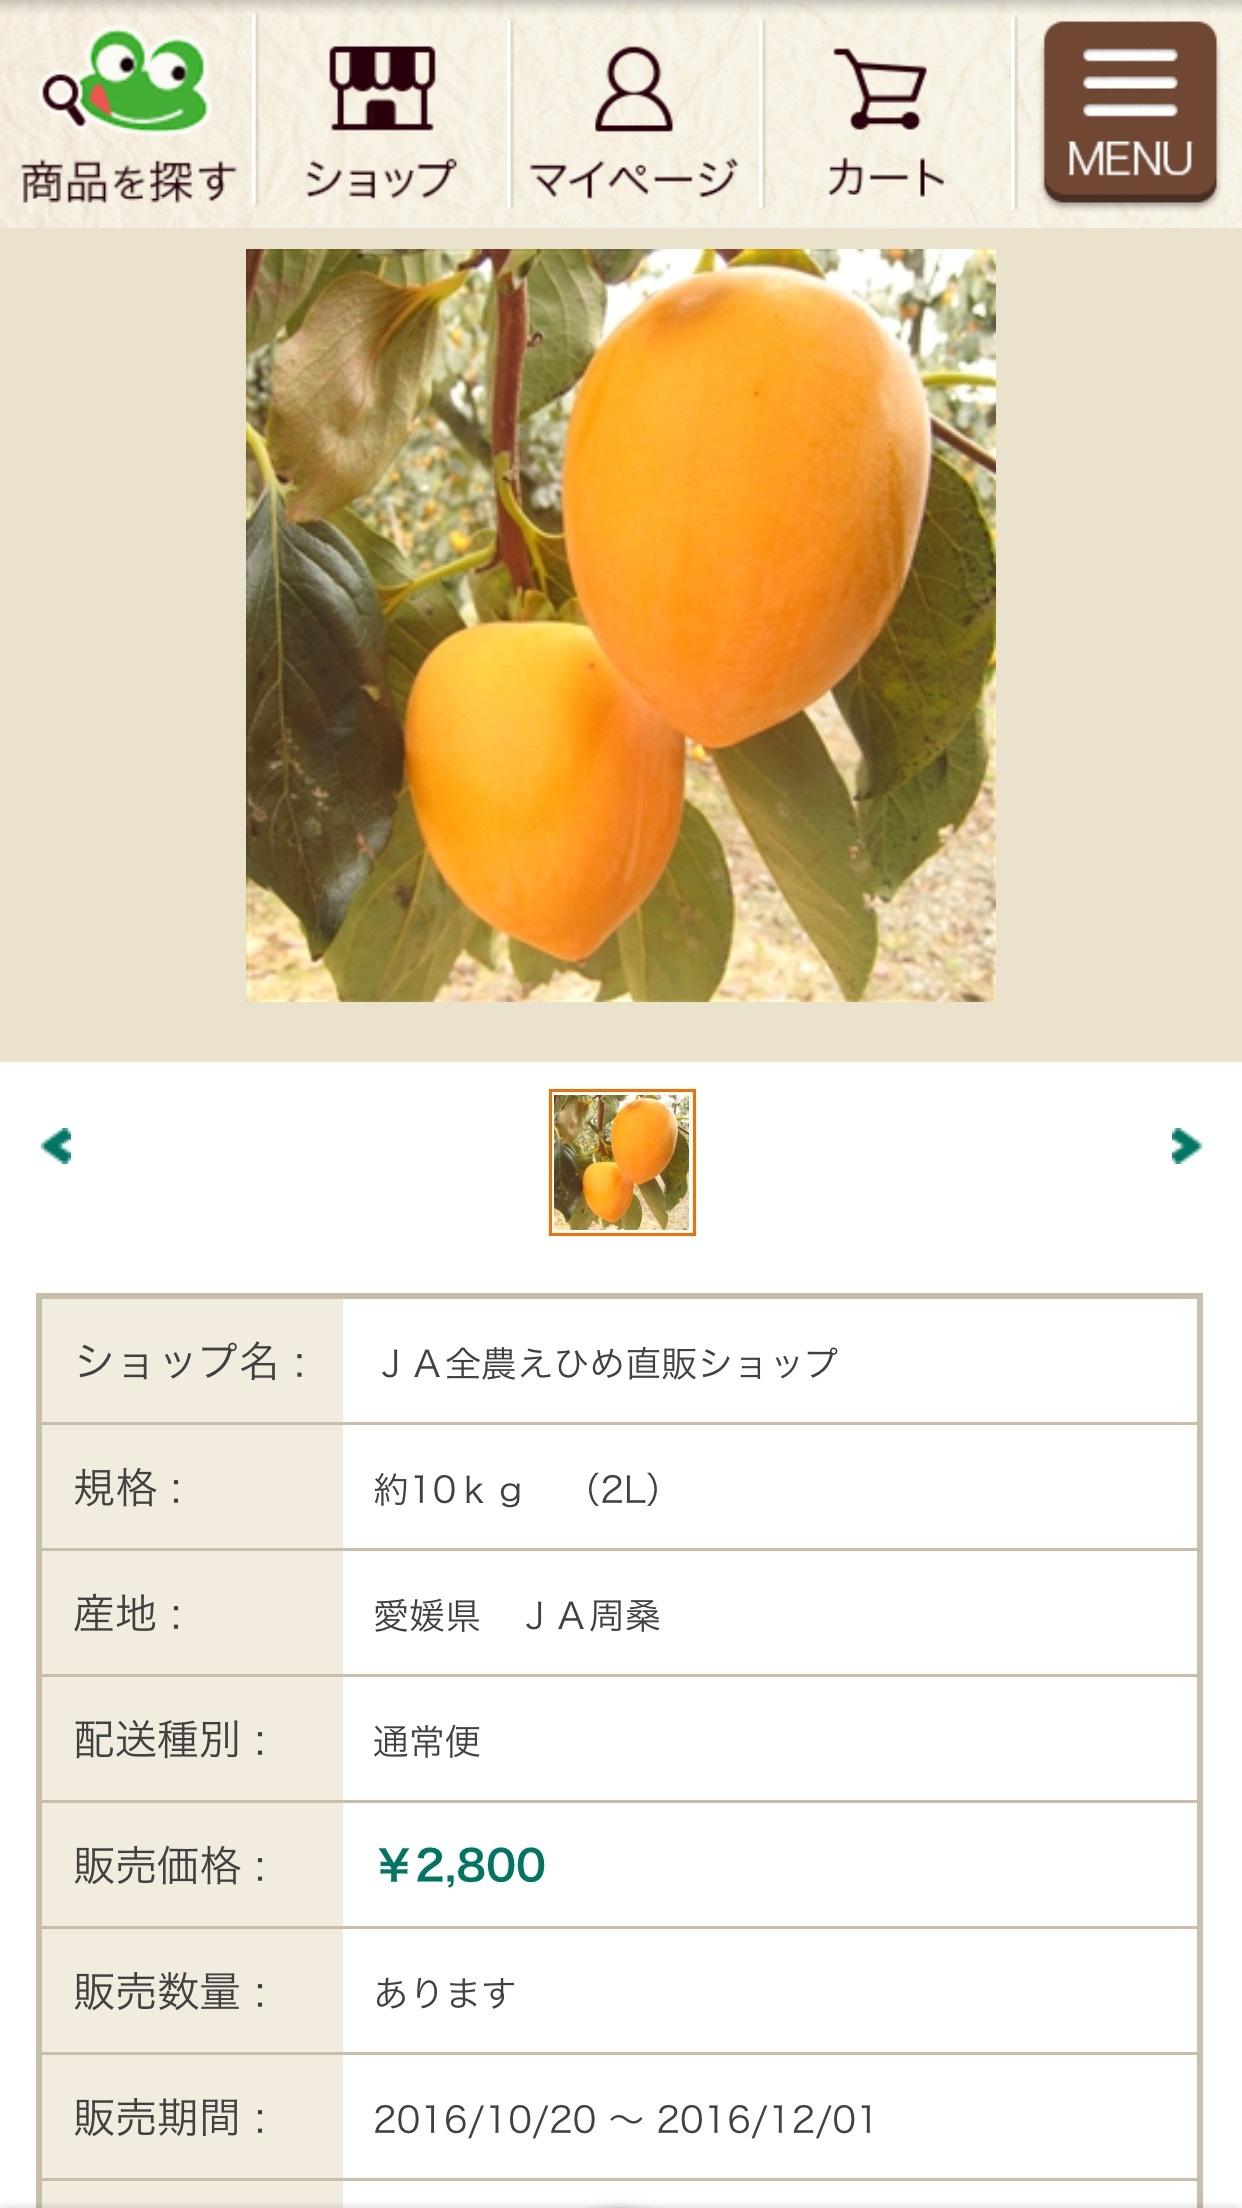 b0369427_18040779.jpg